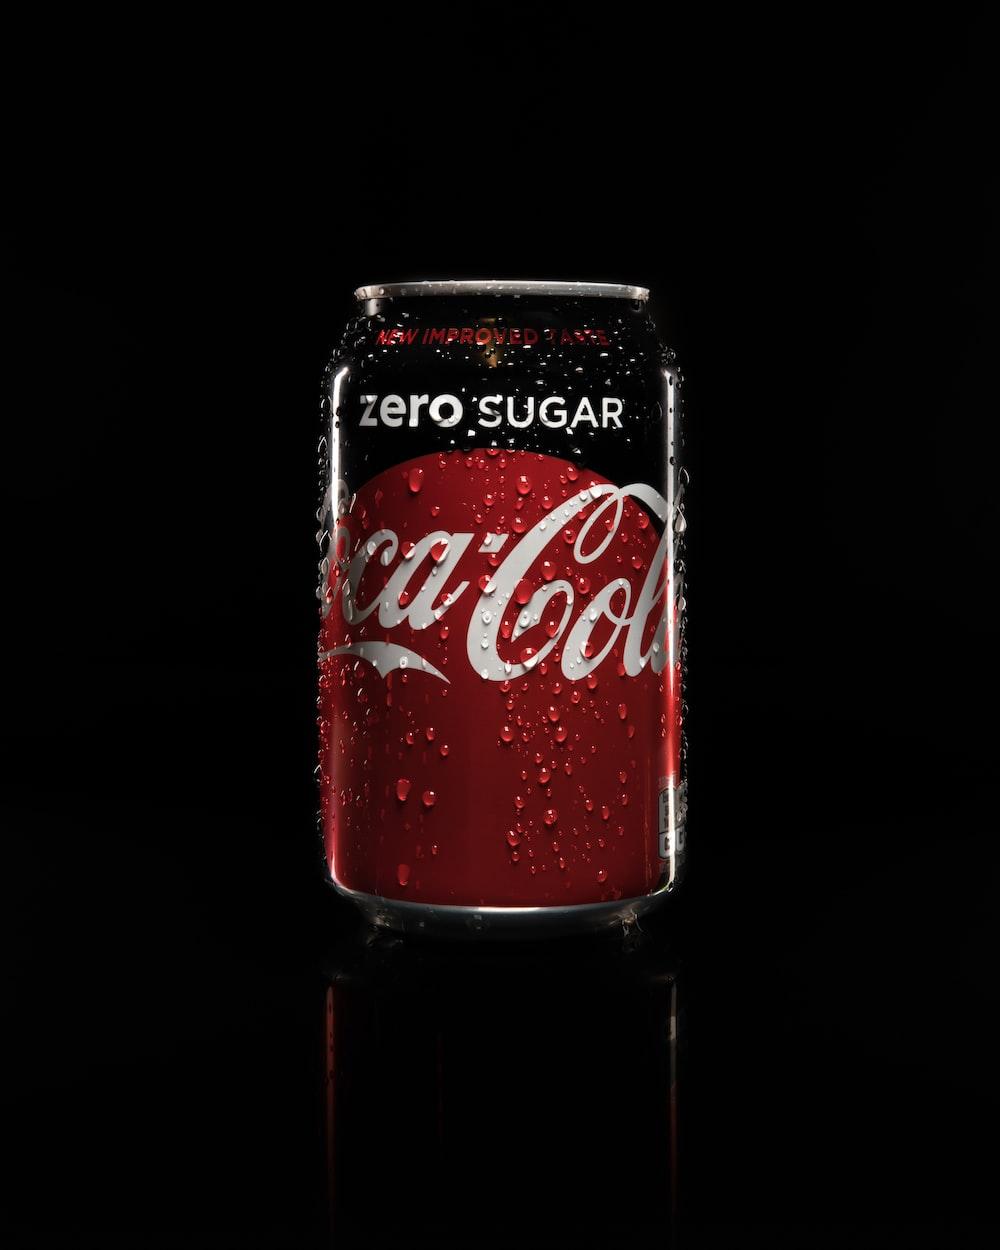 Coca-Cola zero sugar can